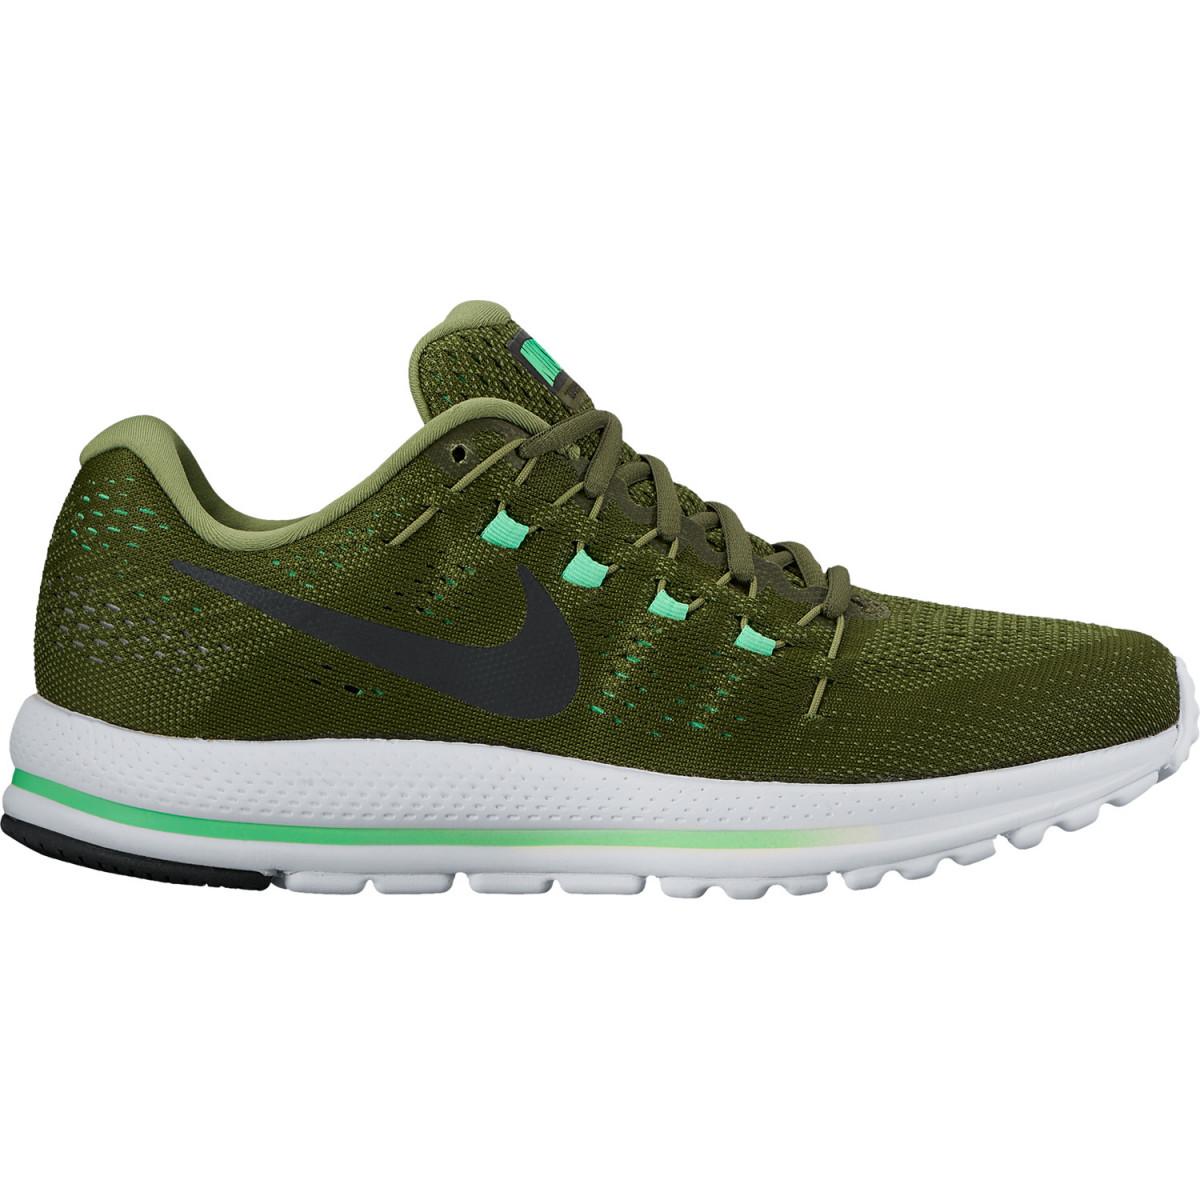 Zapatillas Nike Air Zoom Vomero 12